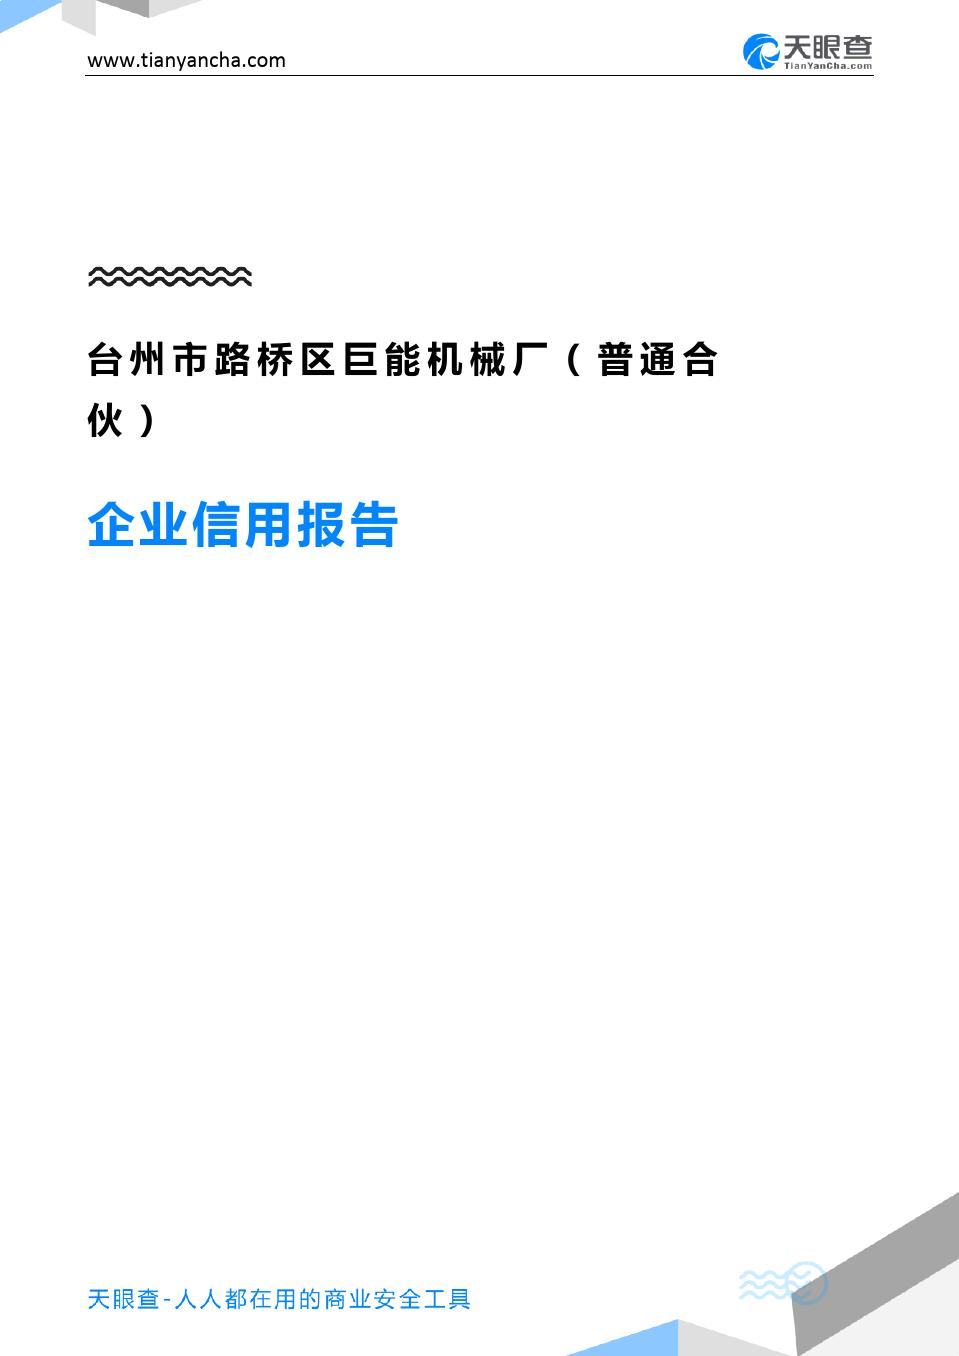 臺州市路橋區巨能機械廠(普通合伙)企業信用報告-天眼查